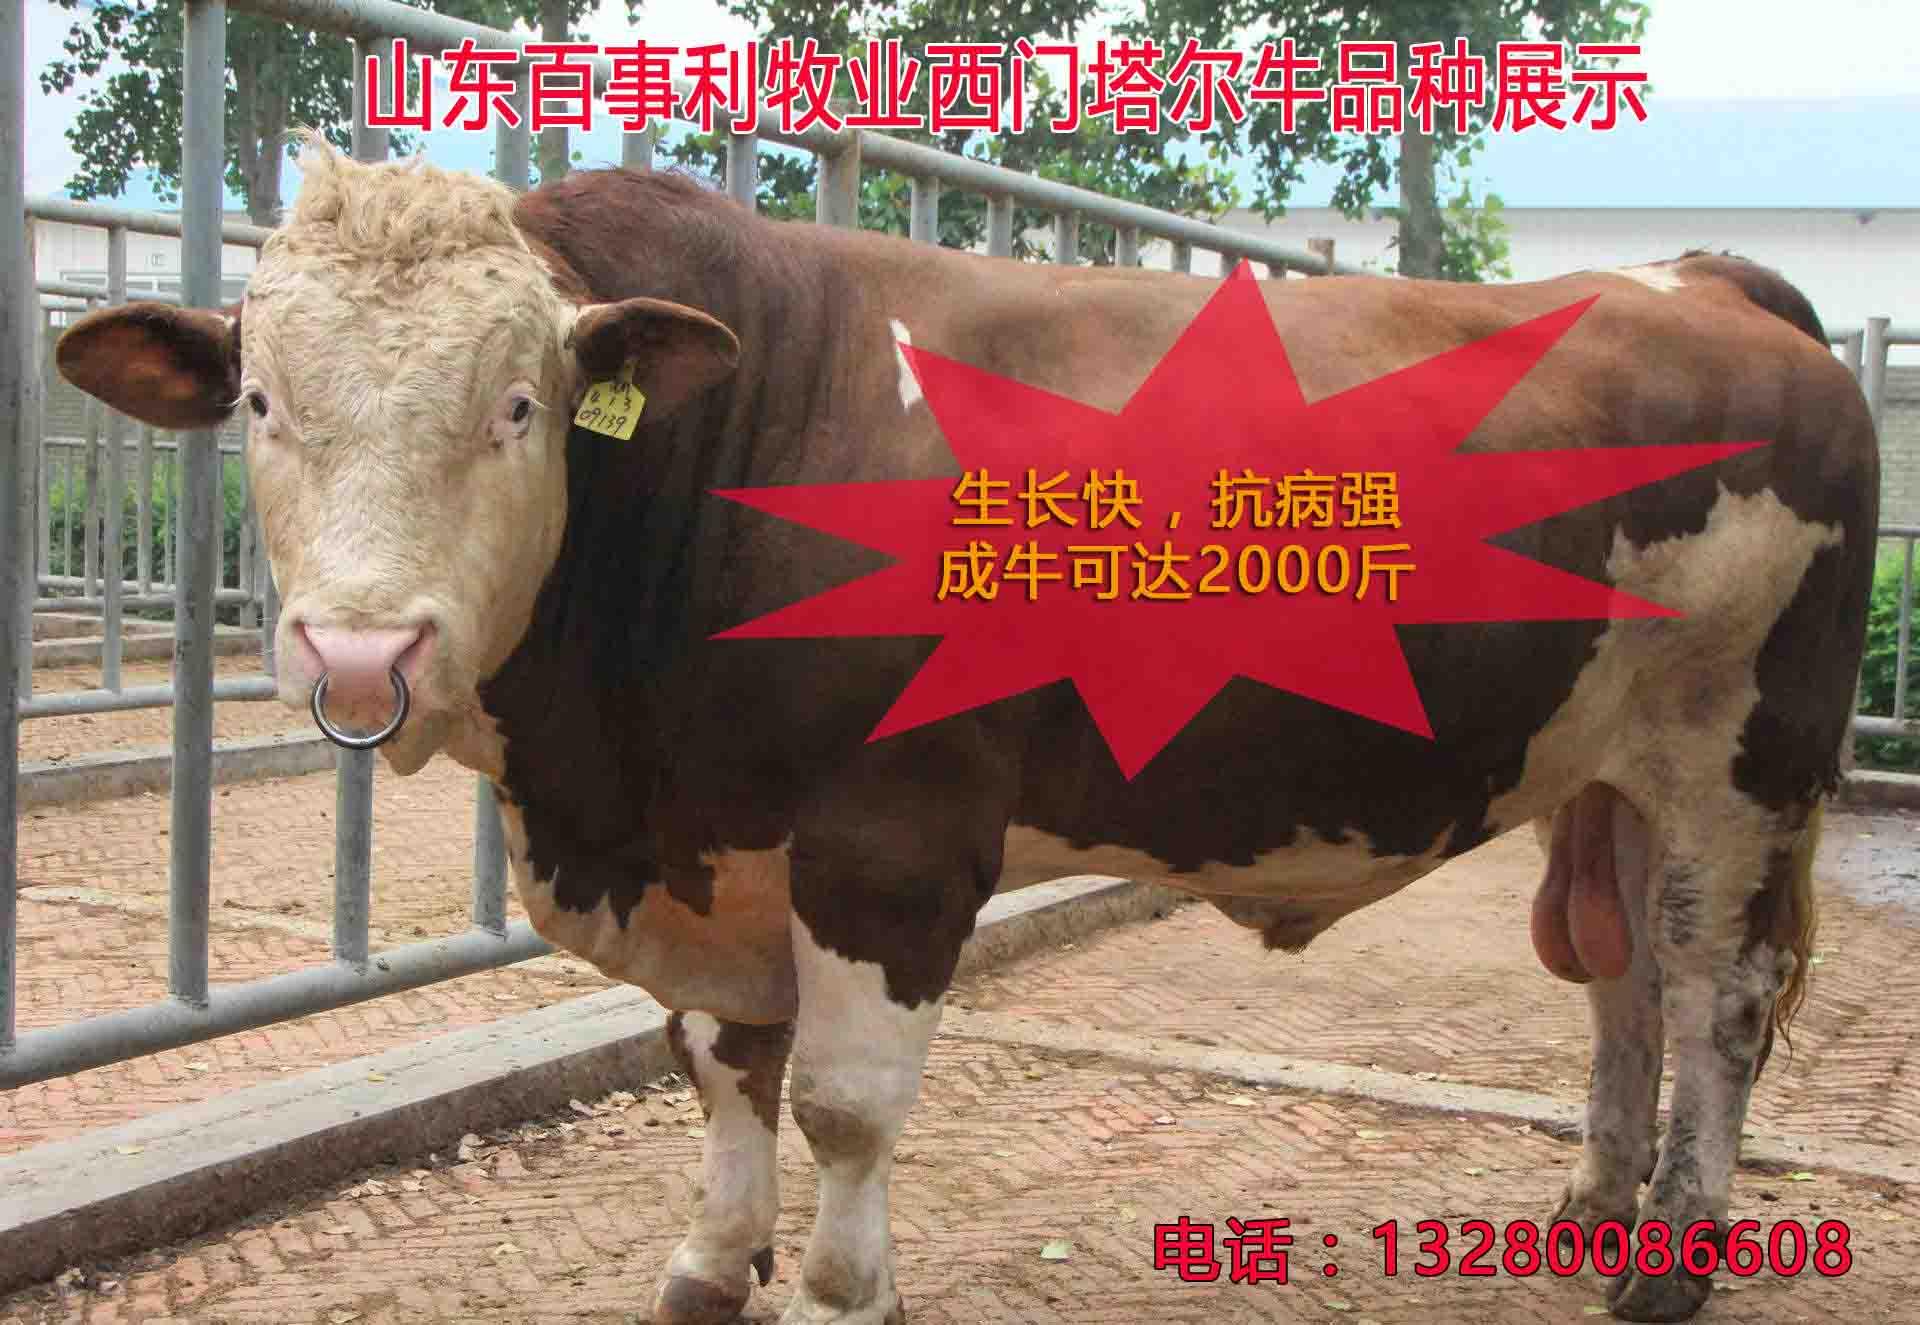 福建泉州卖小牛崽